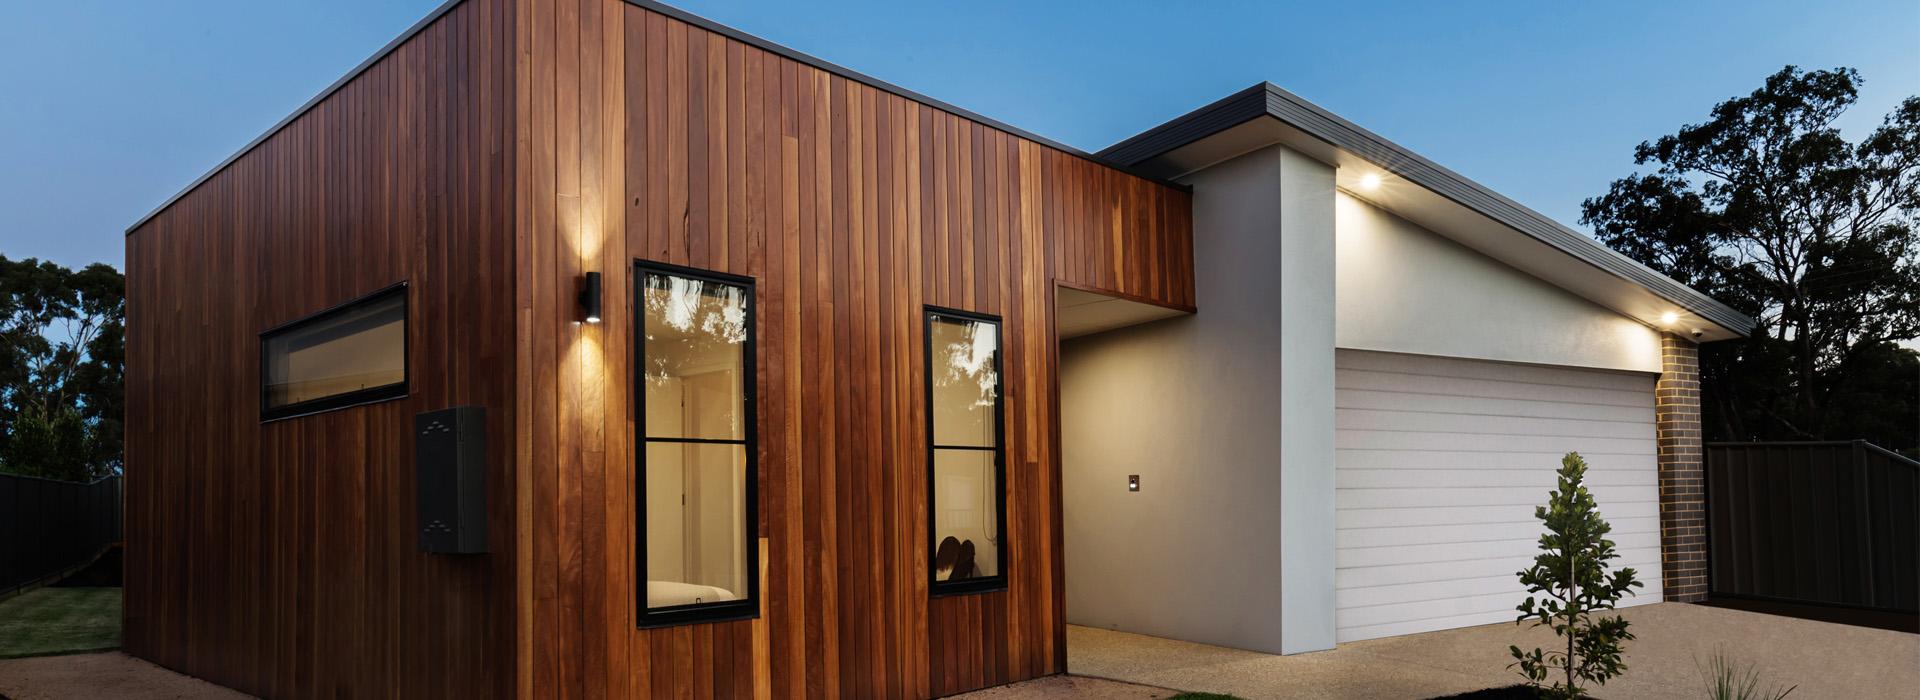 只用「木材」蓋的摩天大樓你敢住嗎?看日本建築大師活用木材,建造出安全又能融入大自然的建築物!